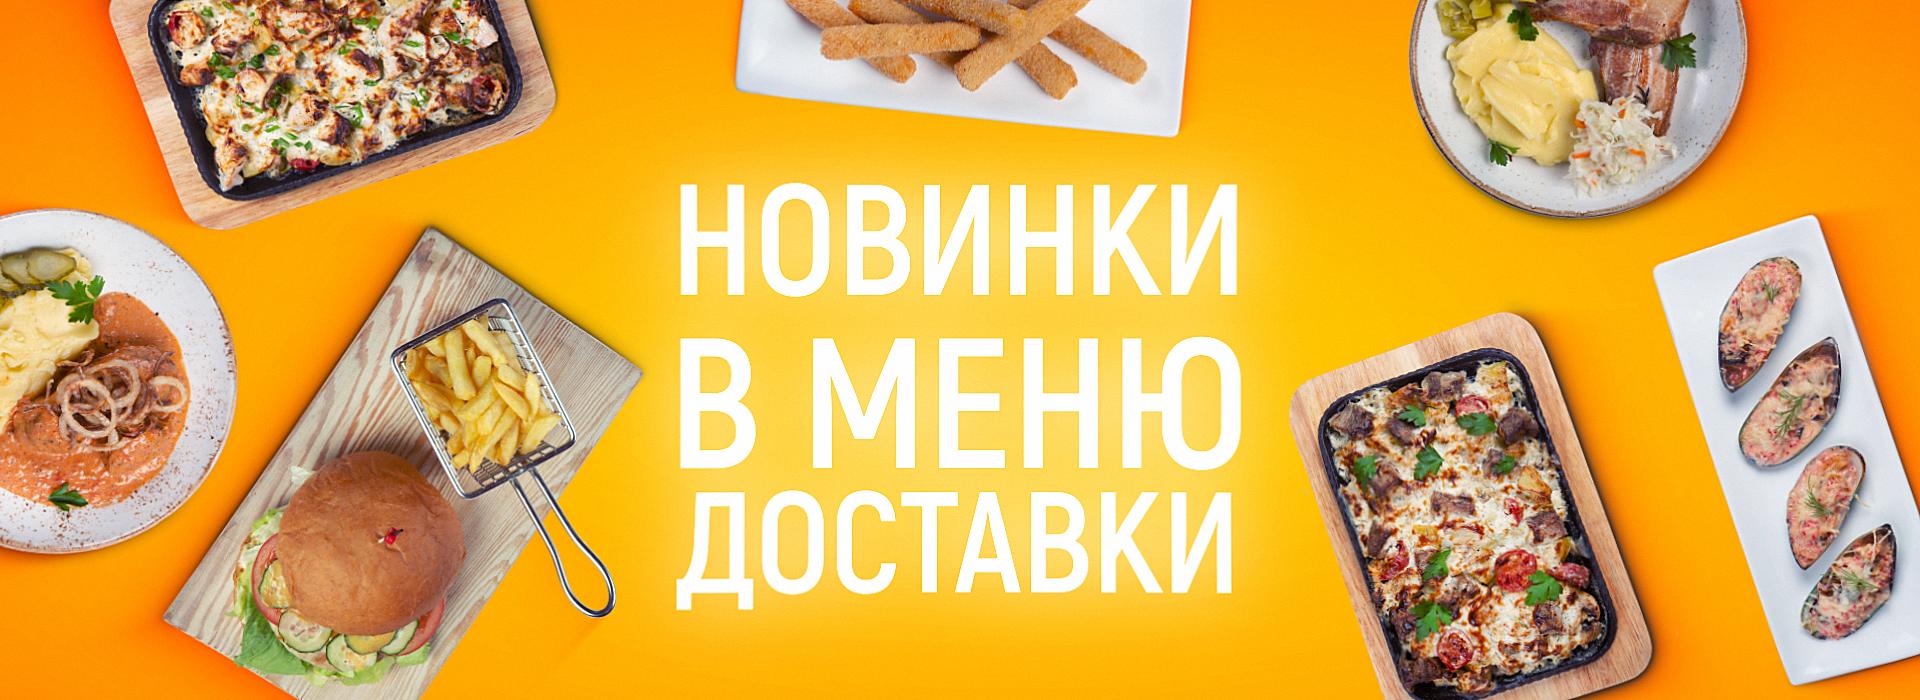 Novinki_dostavka_2021_slider